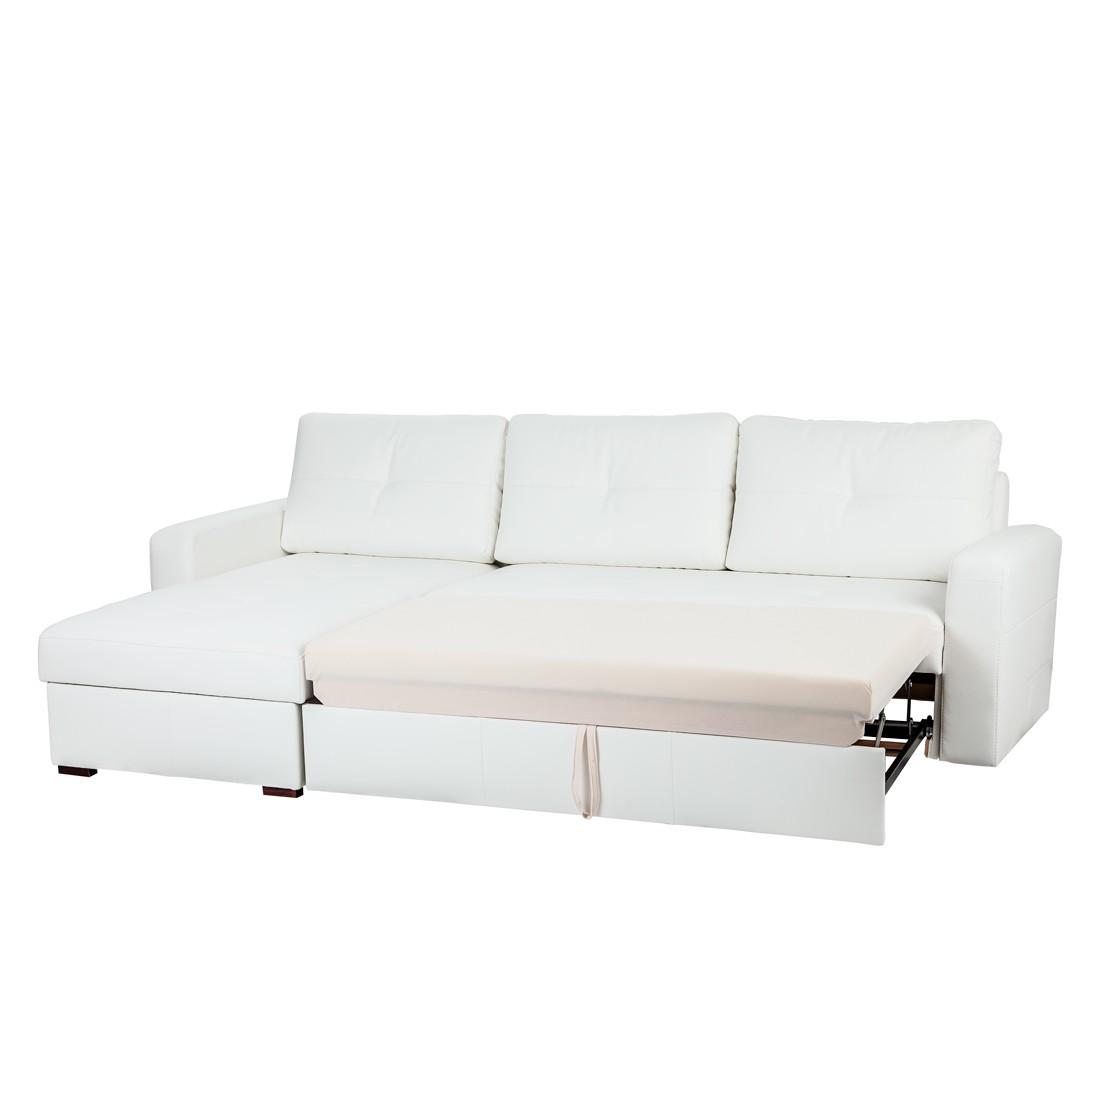 Jetzt bei Home24: Sofa mit Schlaffunktion von Nuovoform | home24